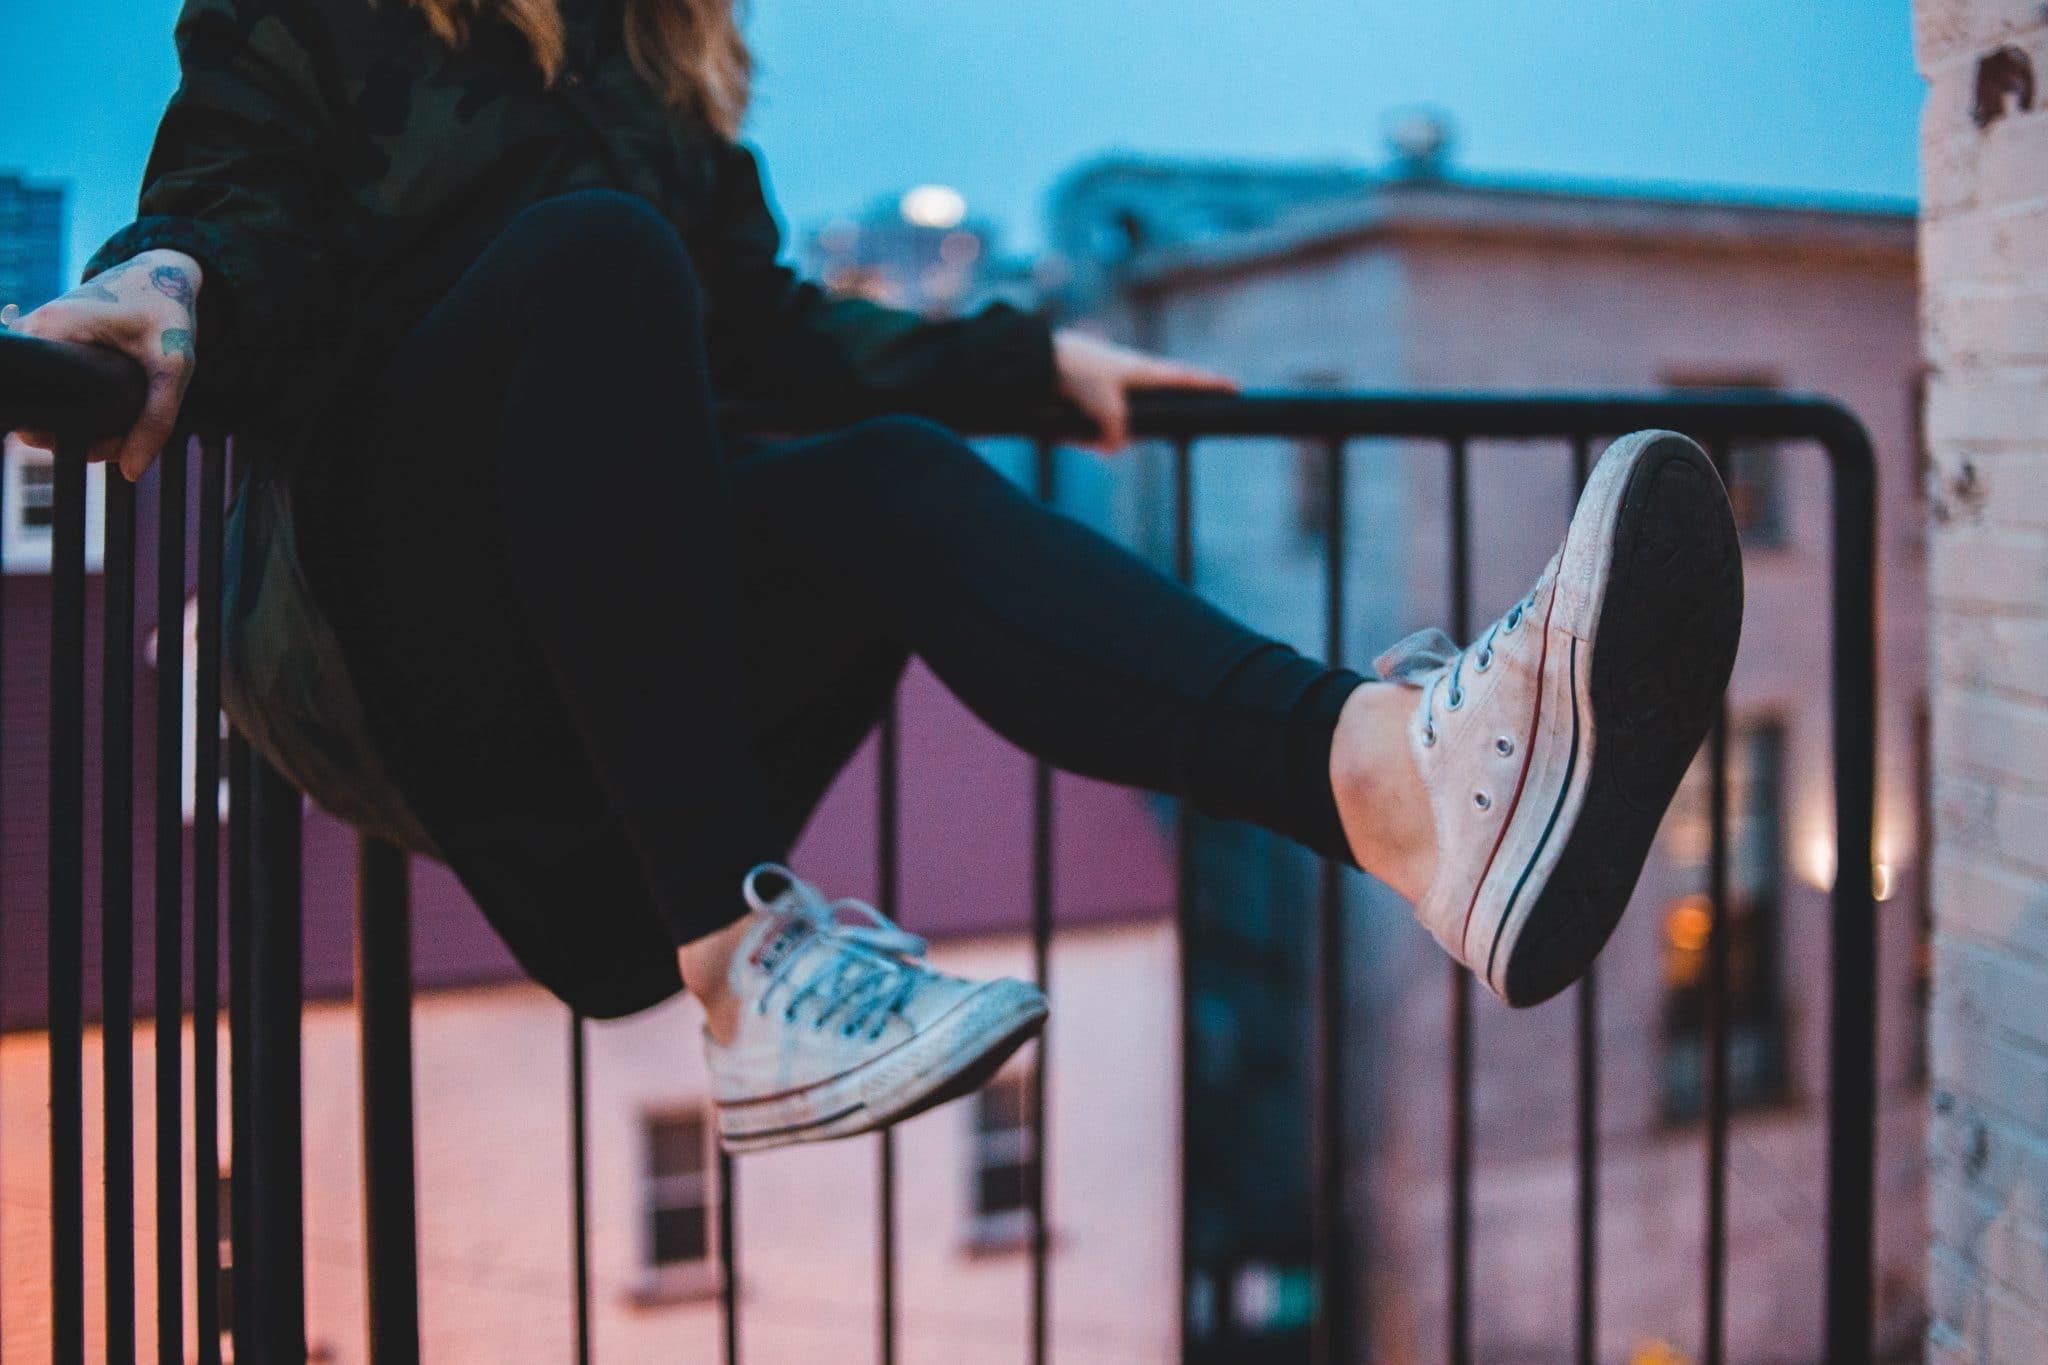 basket tendance : femme qui saute avec des converses aux pieds